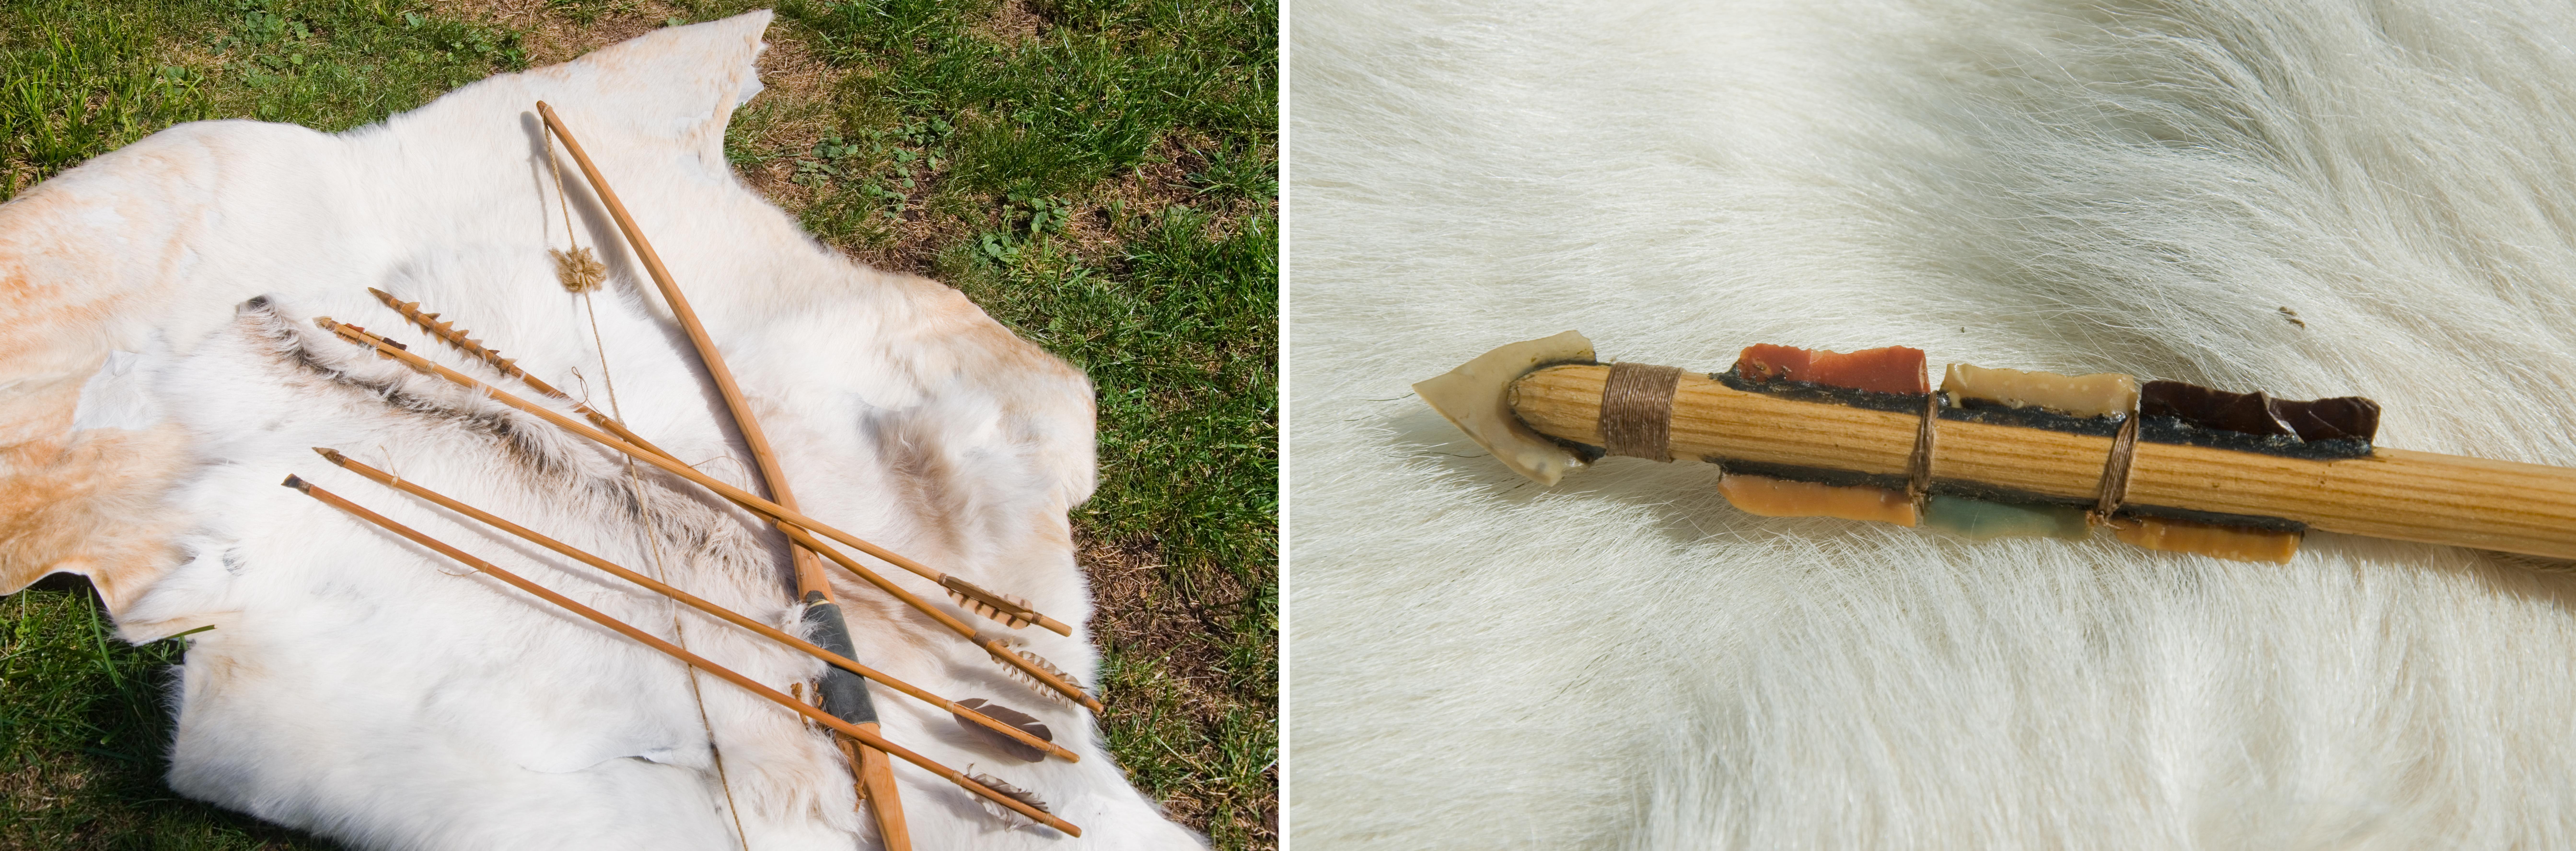 Pfeil und Bogen aus der Steinzeit